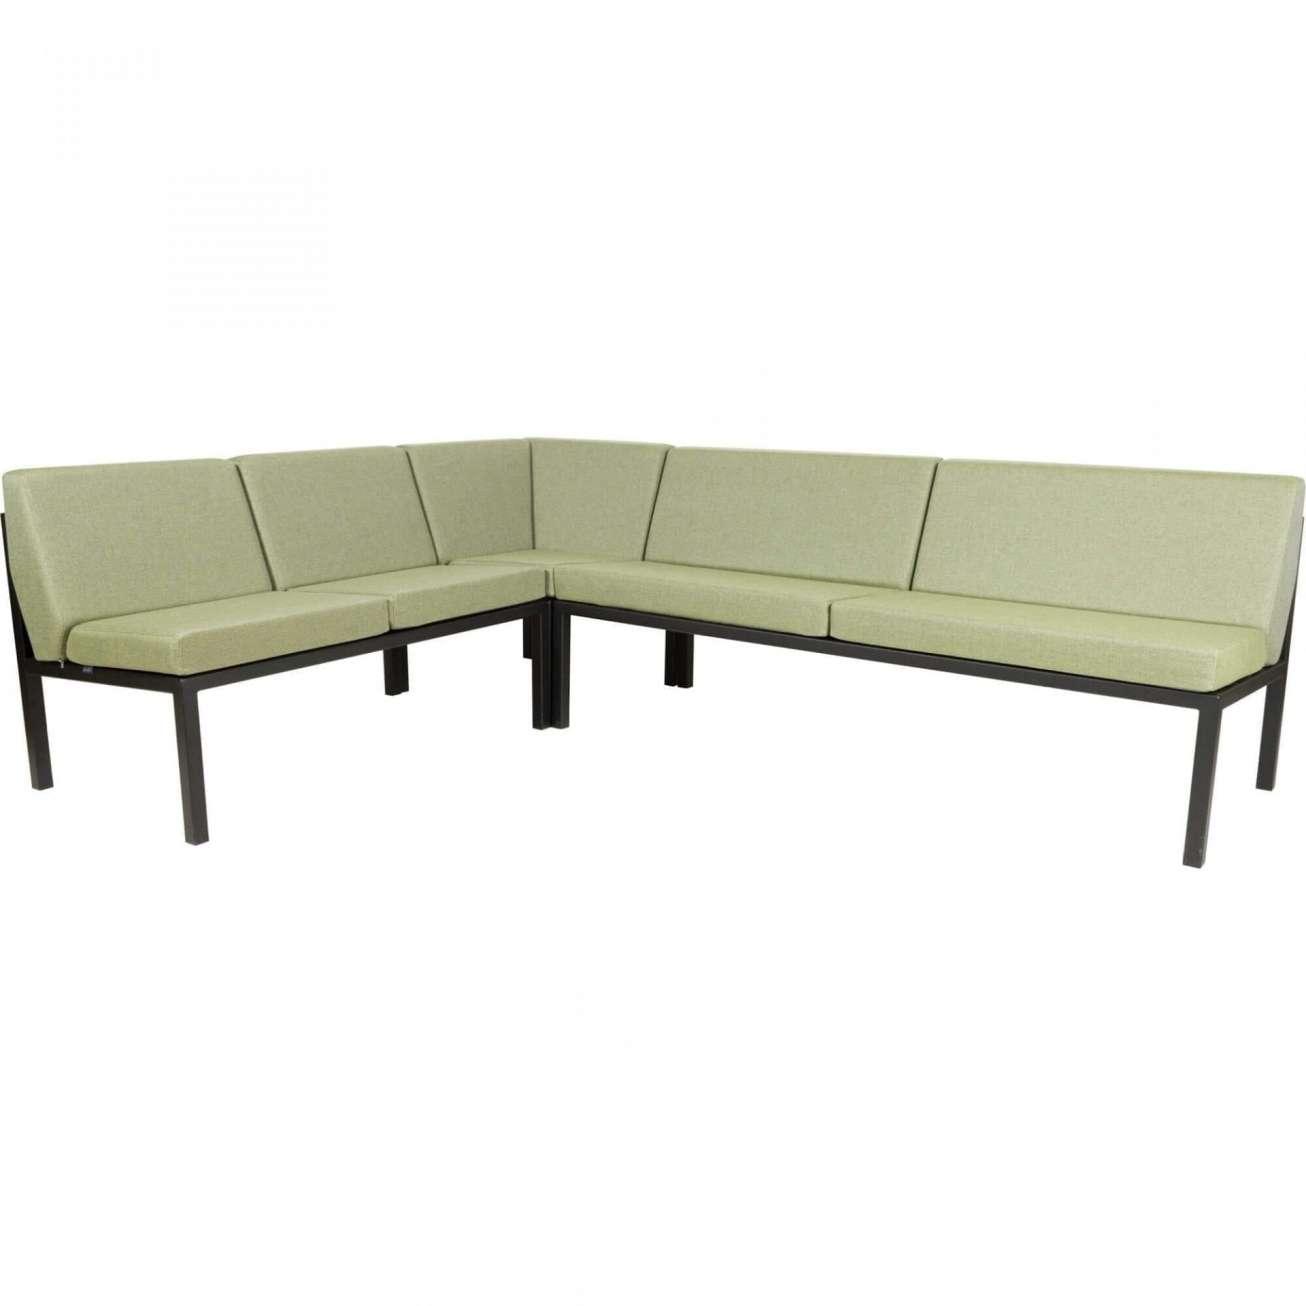 Sundays Frame Multi sofa hjørnegruppe i sort aluminium med grønne puter